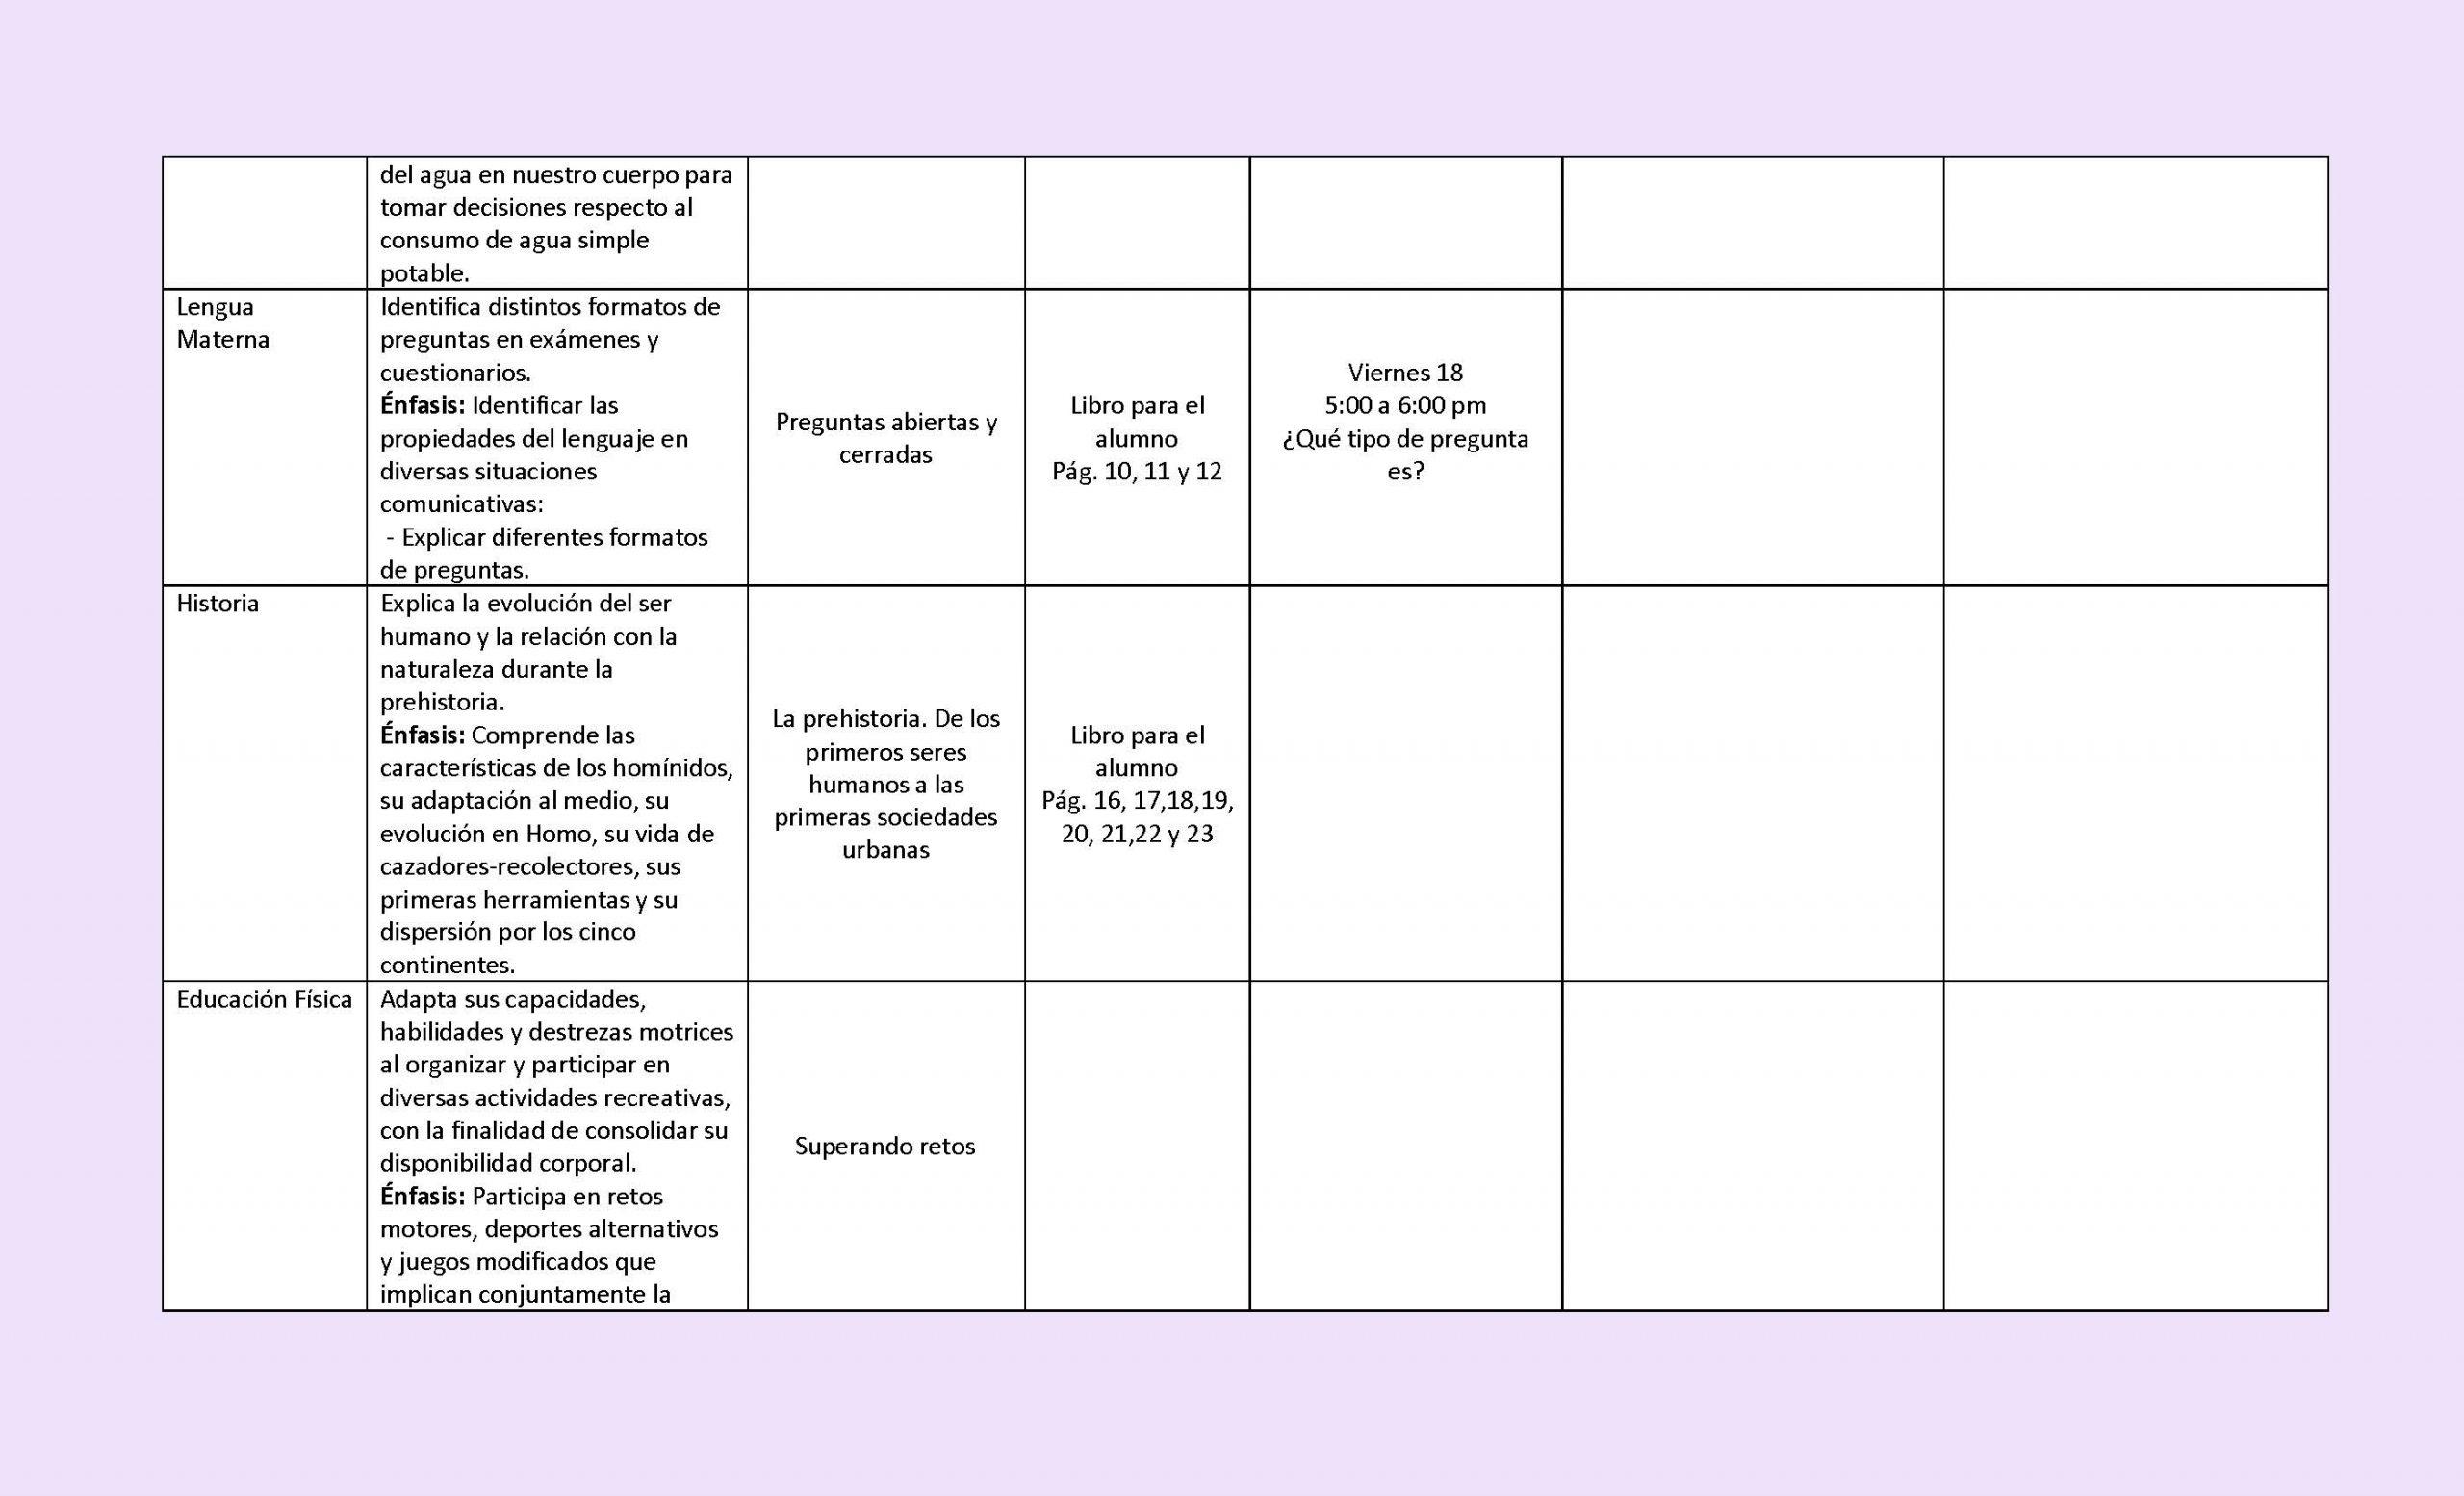 Plan De Trabajo Semanal 14 A 18 De Septiembre De 2020 2021 1 2 3 4 5 6 Grado Imagenes Educativas